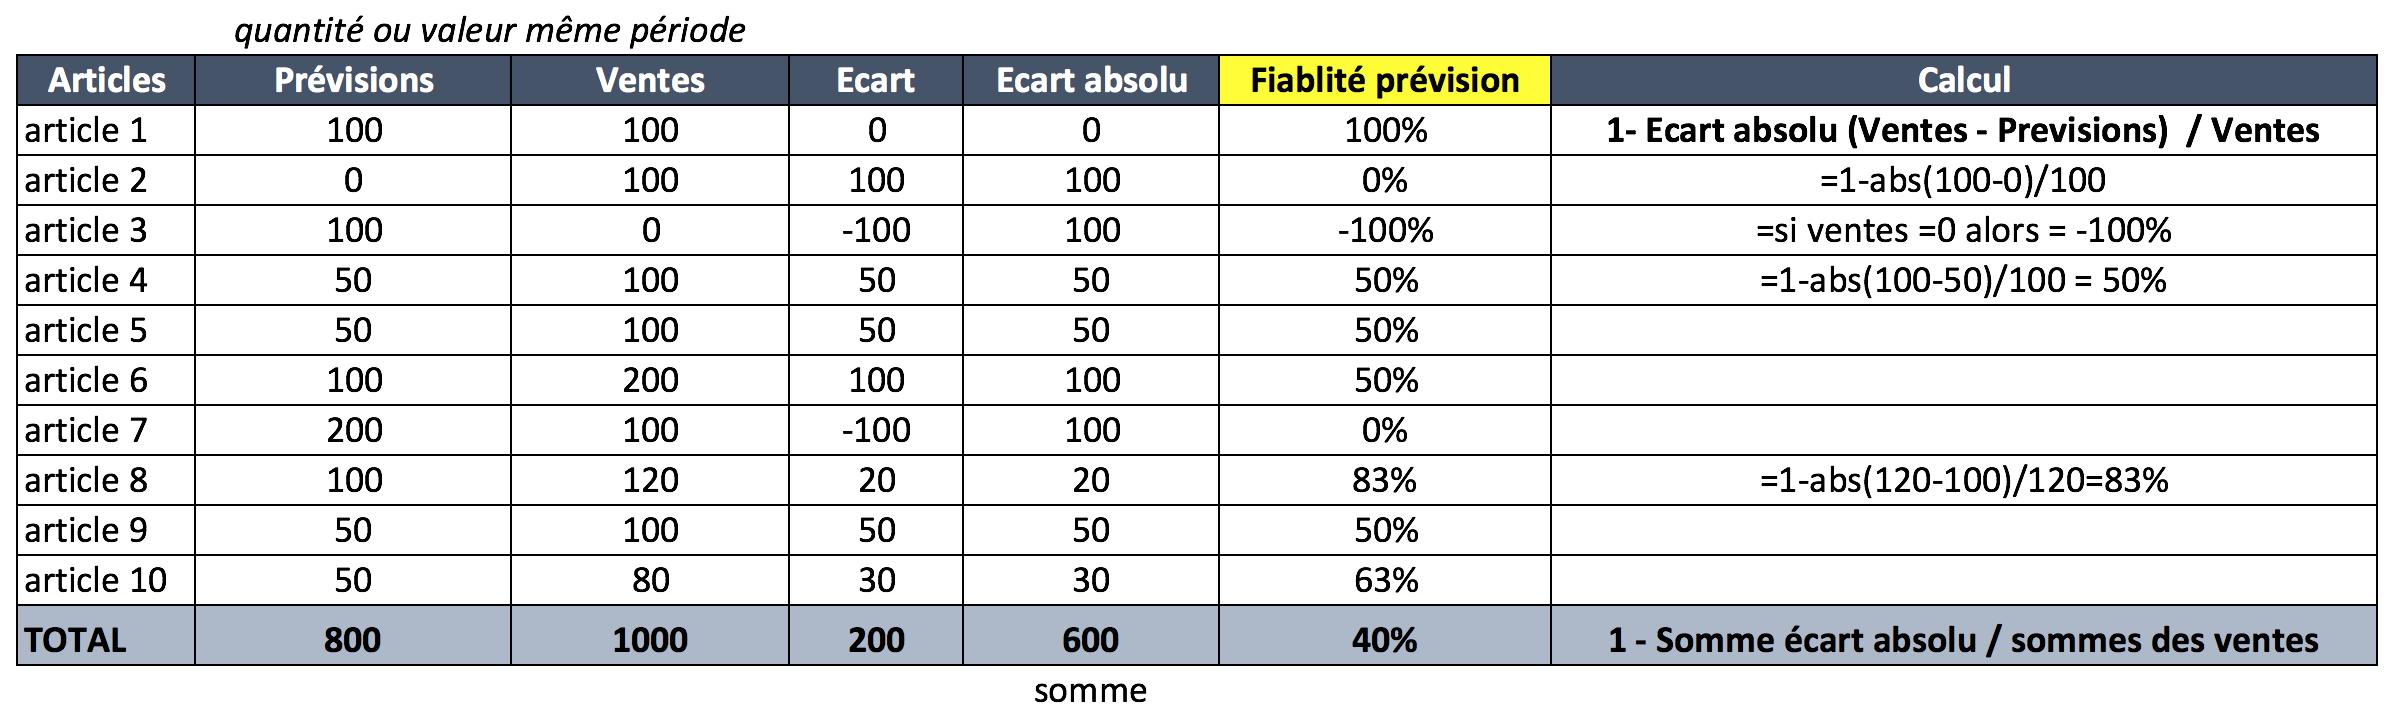 qualité prévision calcul excel